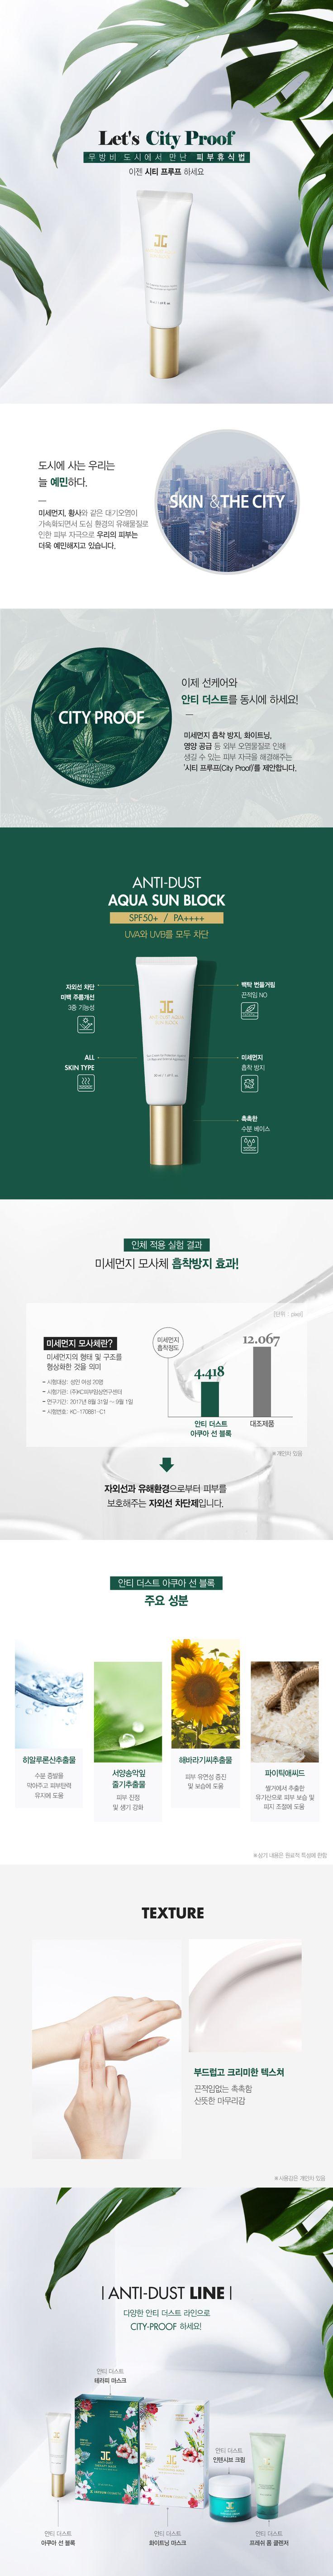 안티 더스트 아쿠아 선 블록-제이준코스메틱 공식쇼핑몰